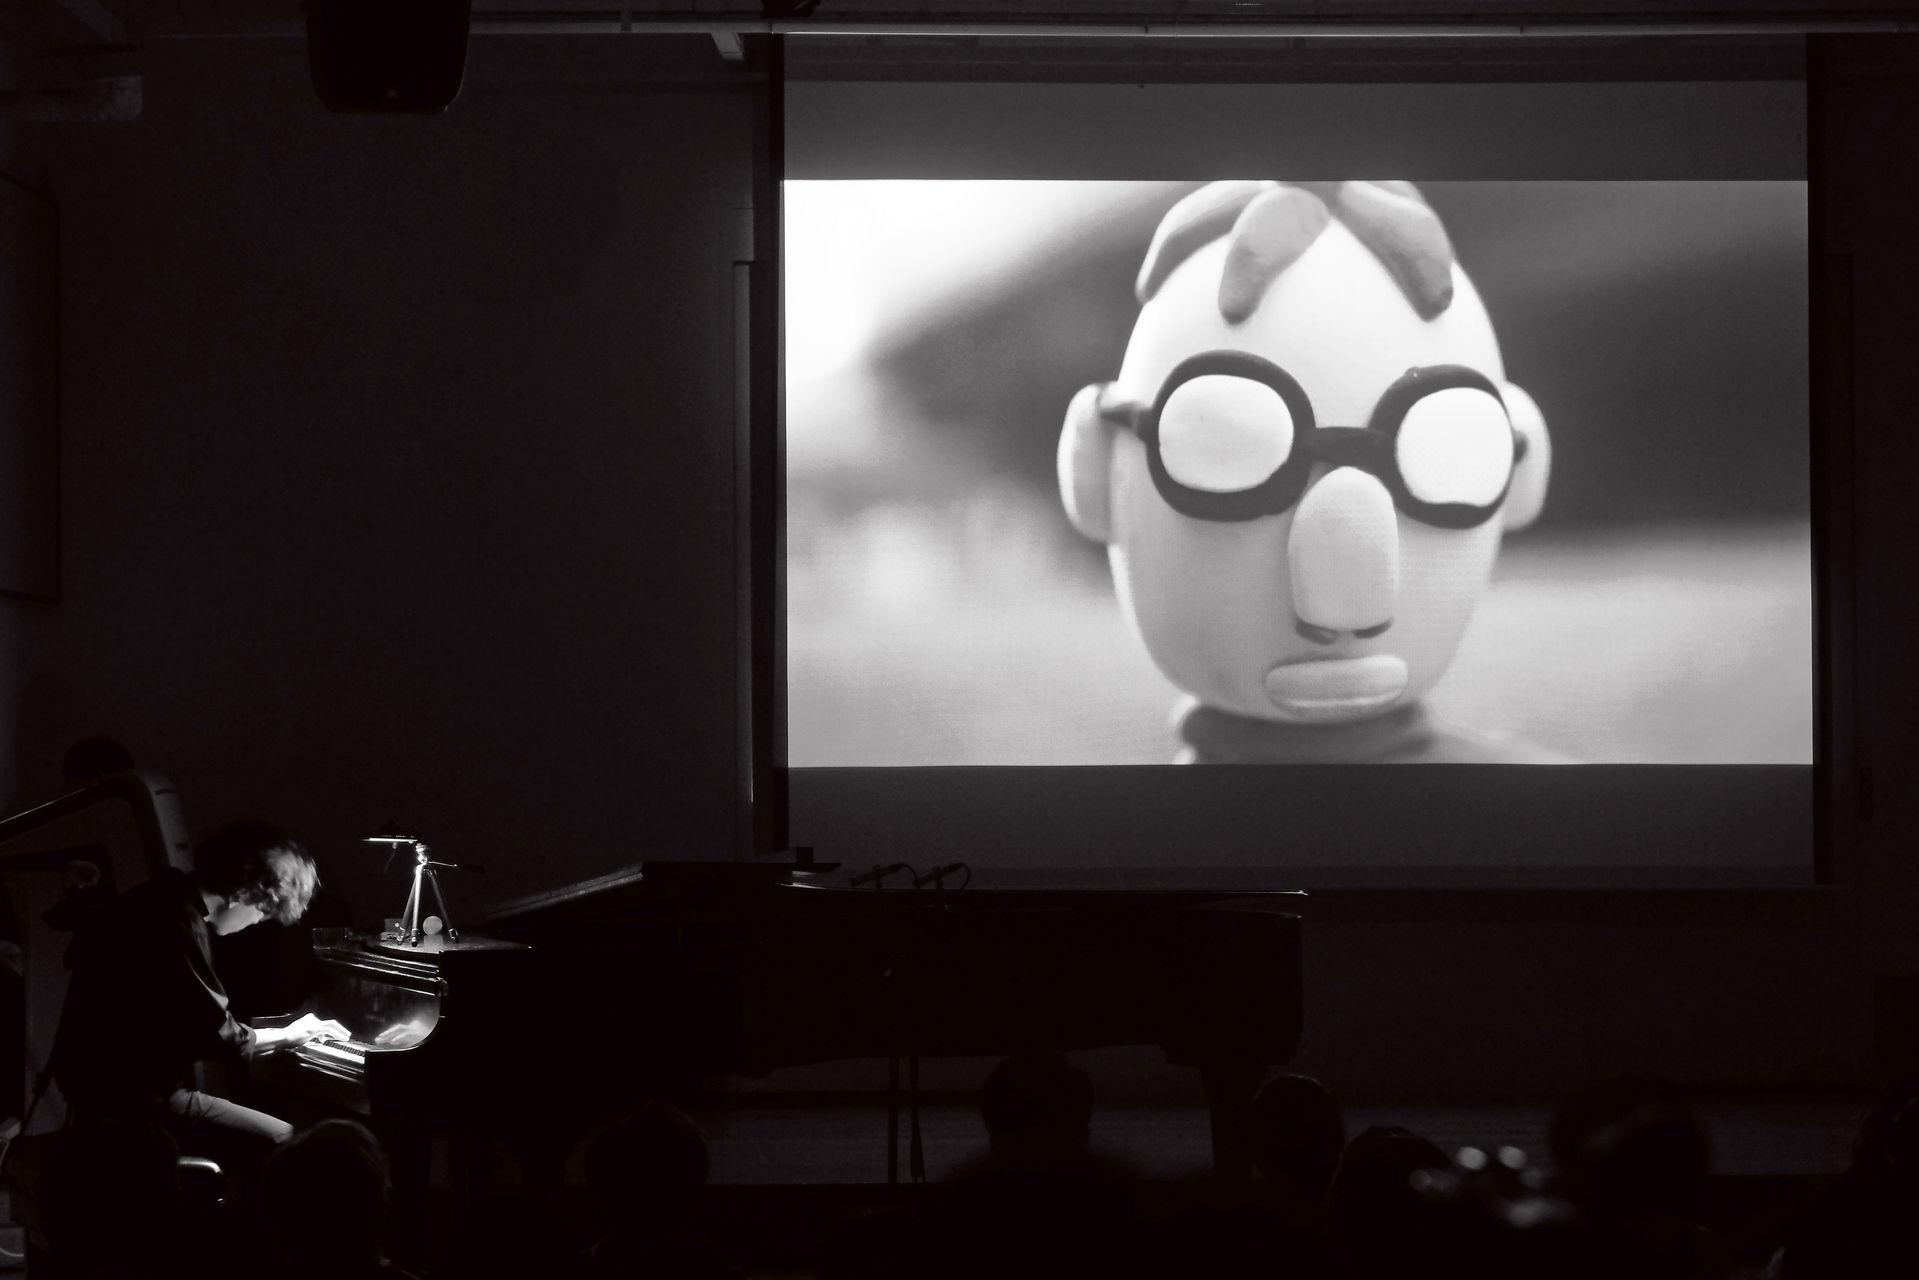 오재형의 비디오 리사이틀 / 예술가의집 (제712회 더하우스콘서트) / 서울 / 2019